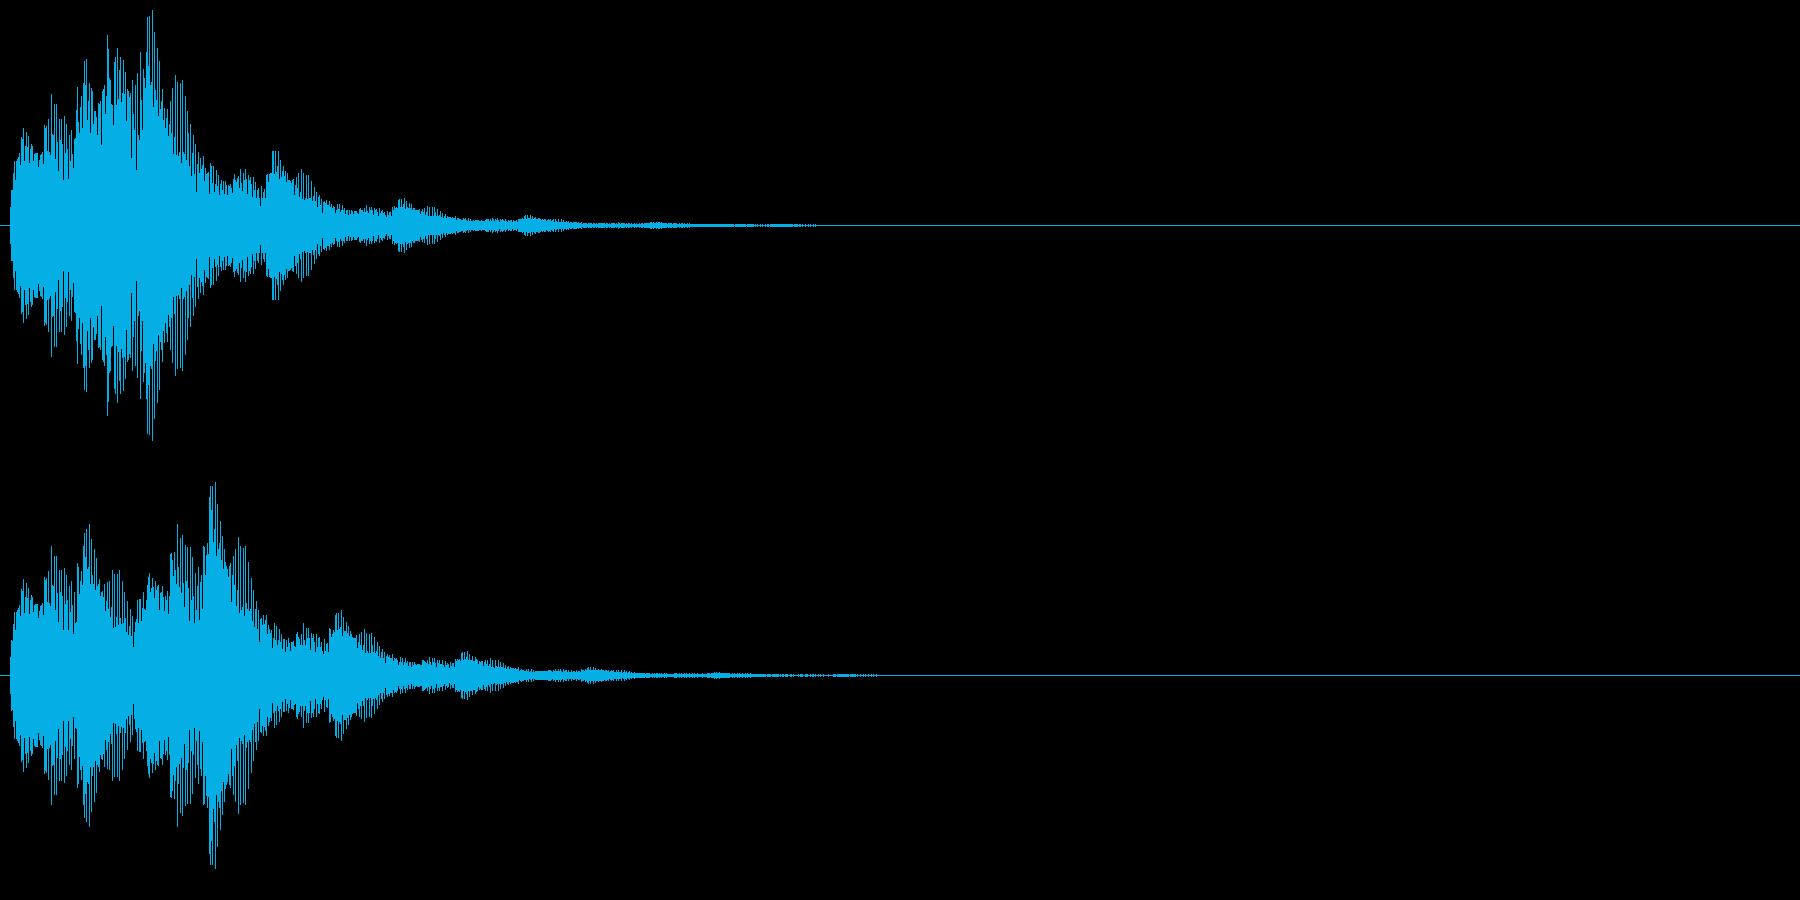 キララン(選択決定音、開始音)の再生済みの波形